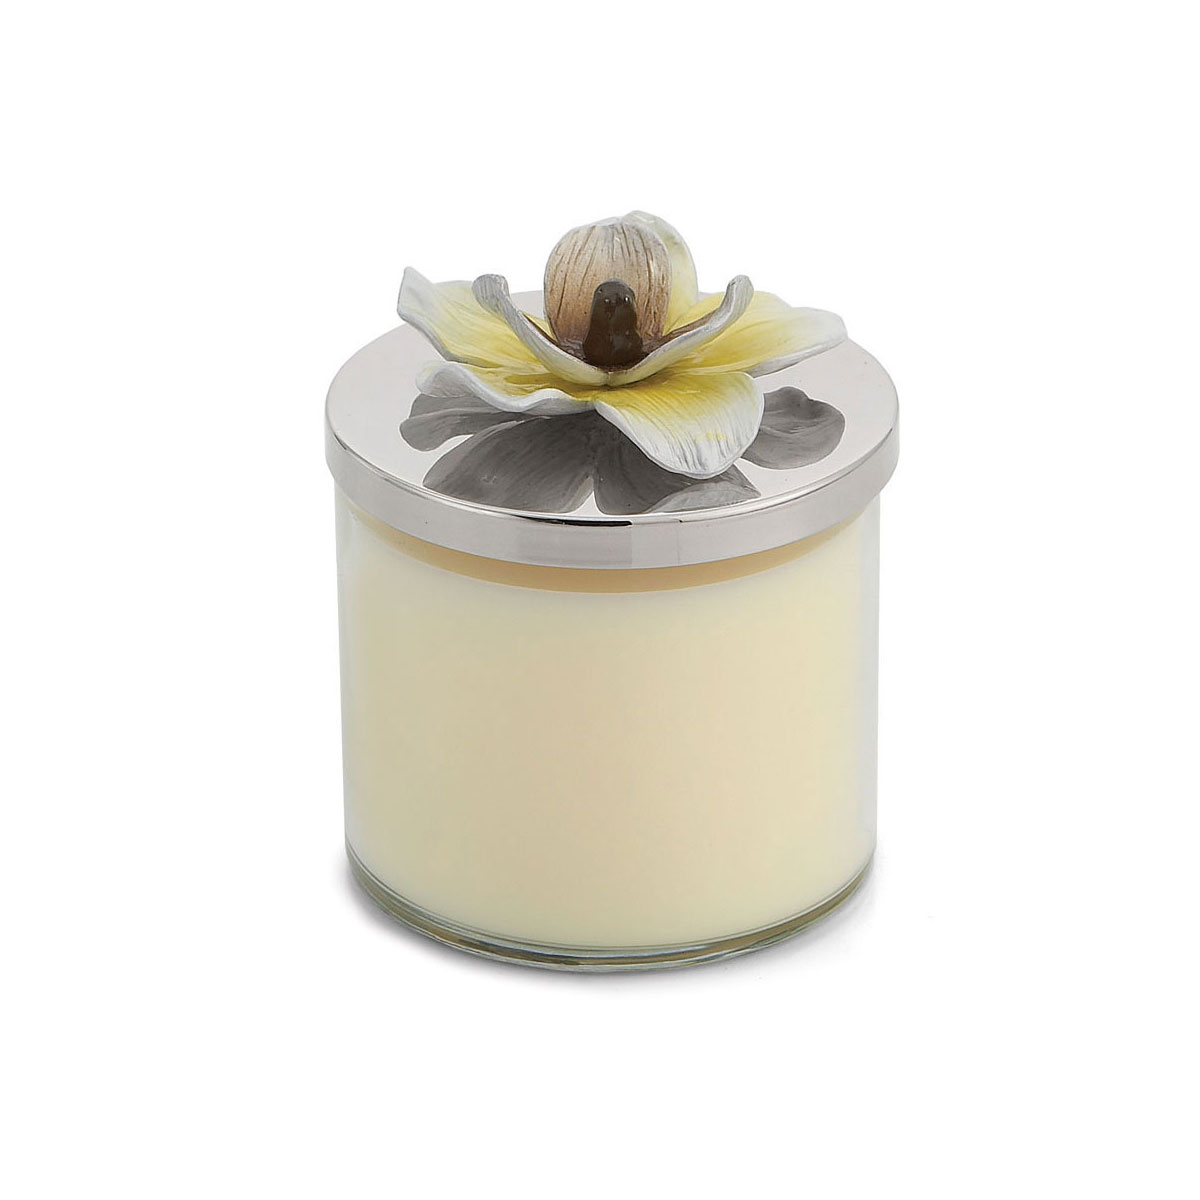 Michael Aram Magnolia Scented Candle